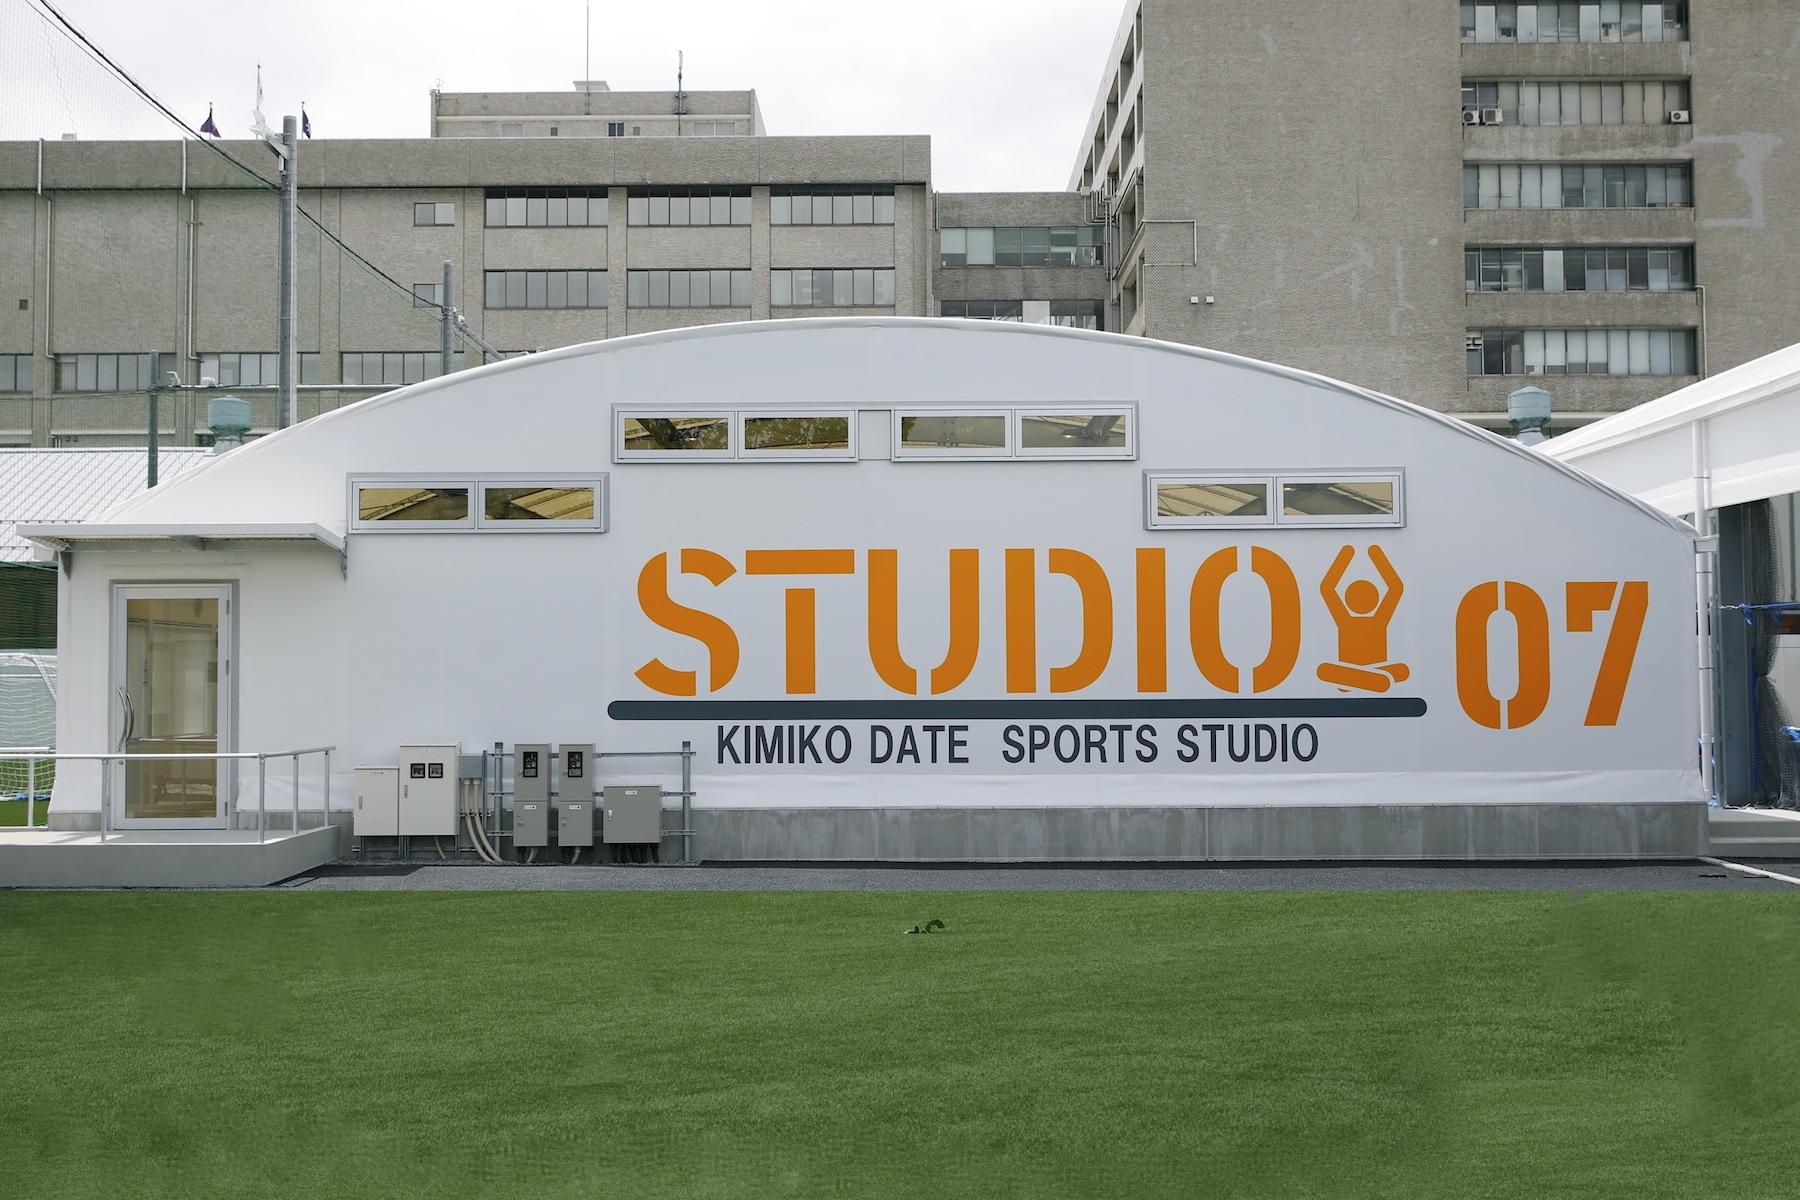 スポル施設内唯一の屋内ユーティリティスペース、伊達公子プロデュースの多目的スタジオ外観です